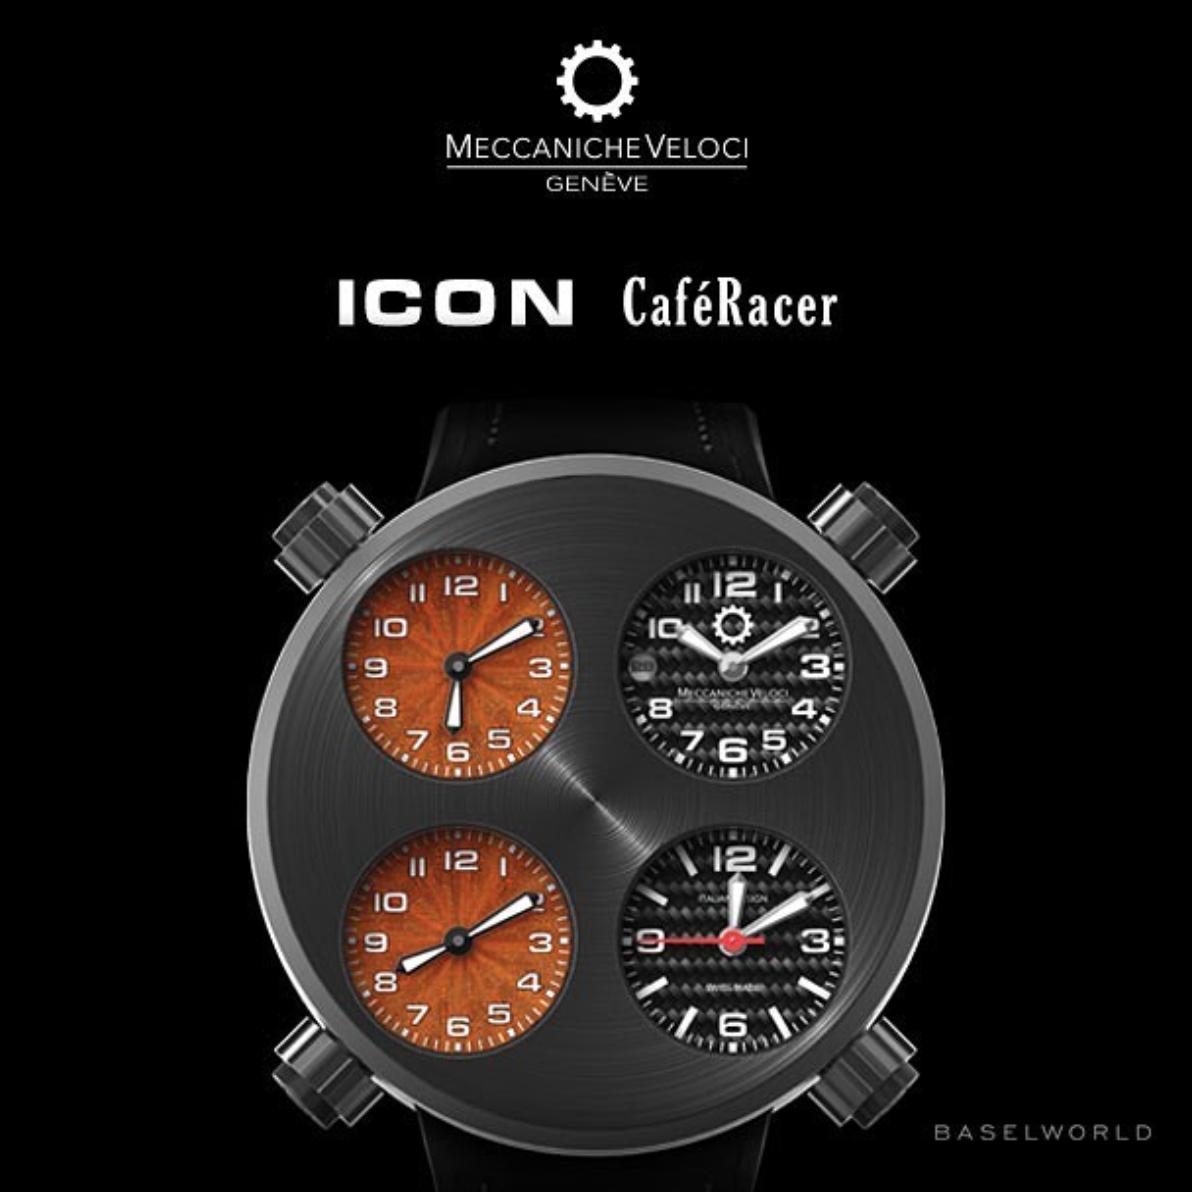 【MECCANICHE VELOCI メカニケ・ヴェローチ】ICON CaféRacer アイコン カフェレーサー/正規輸入品